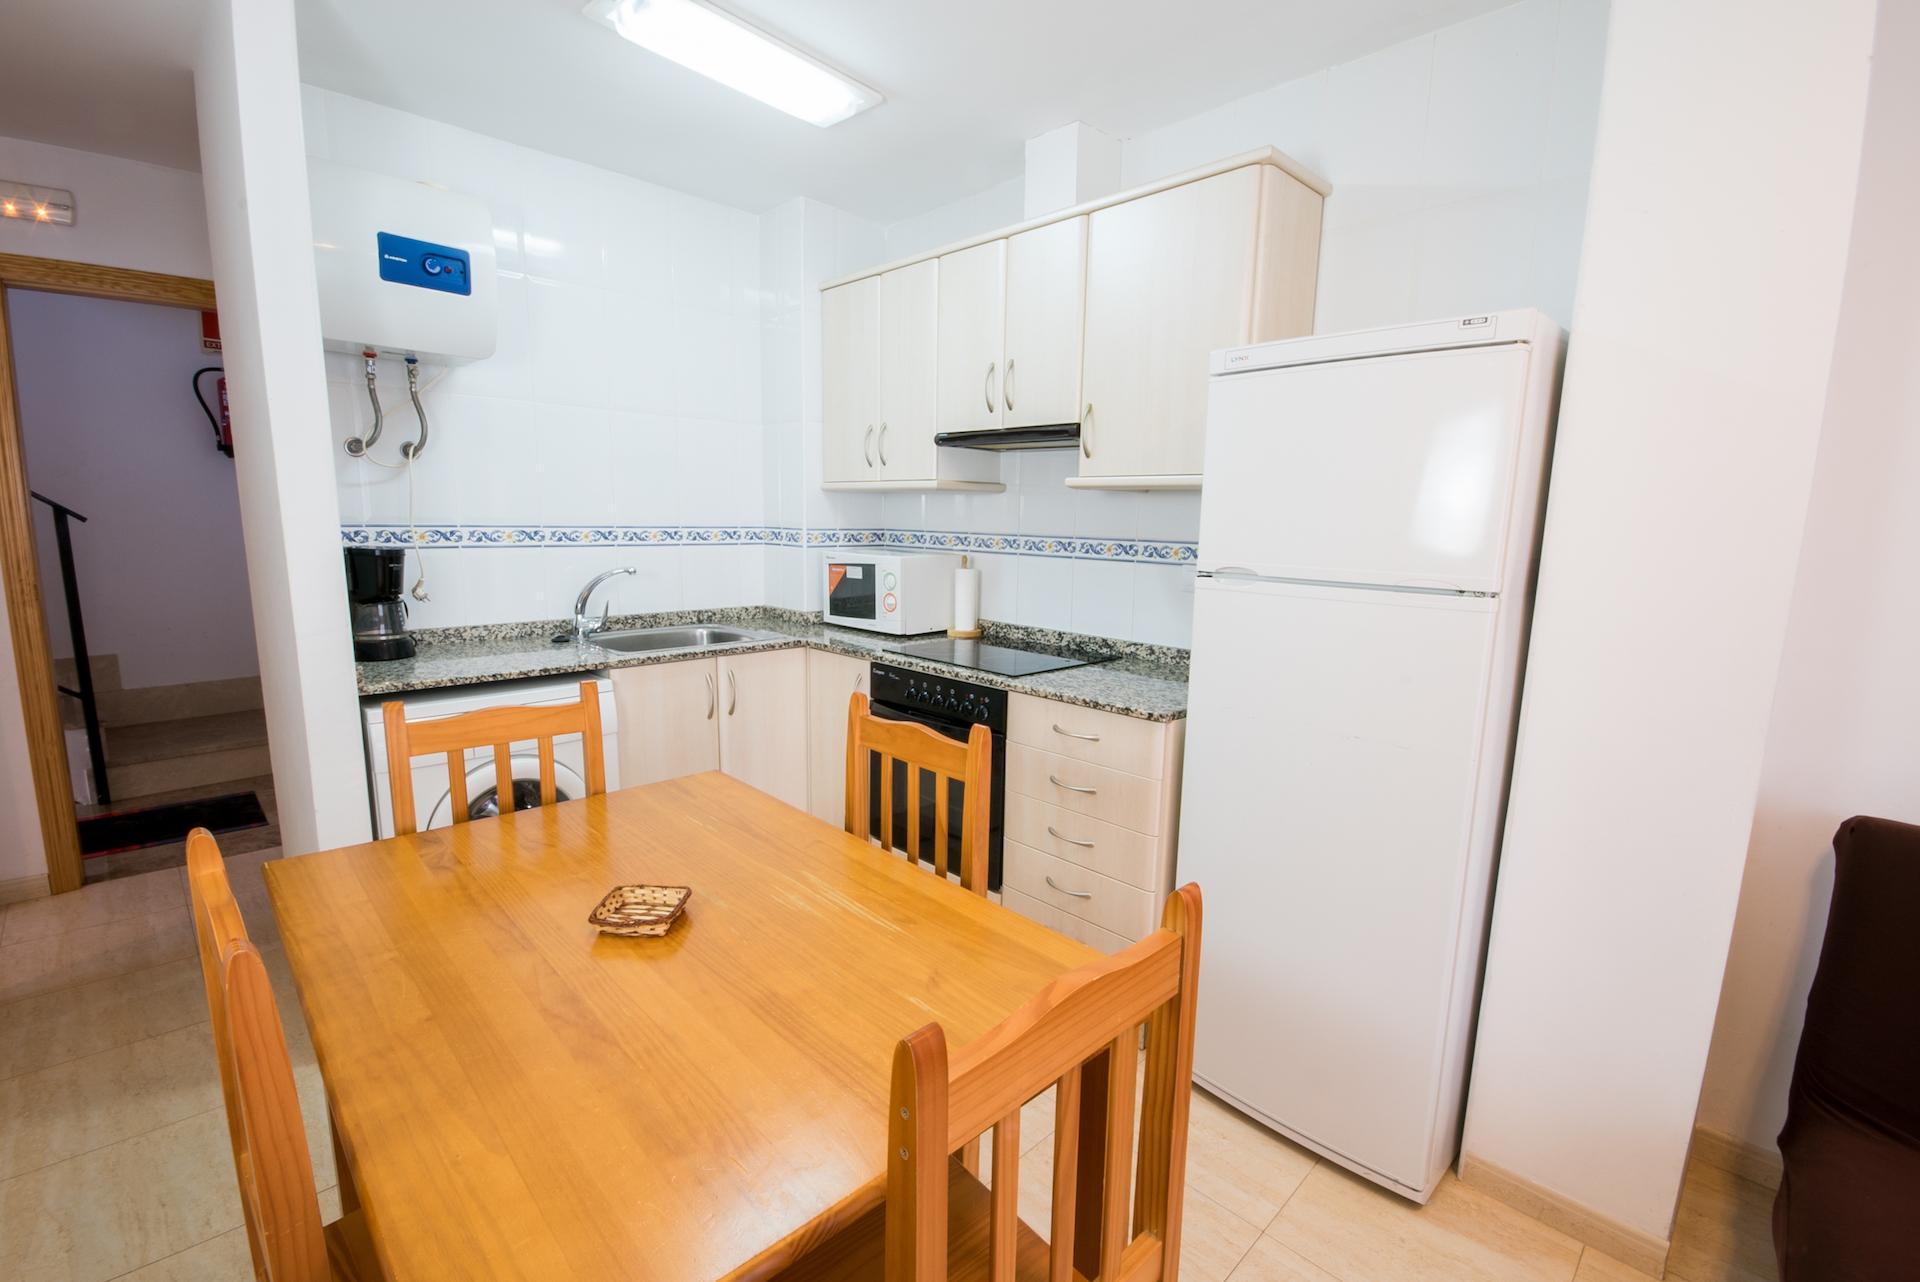 Apartamento Benafer 2 - Cocina